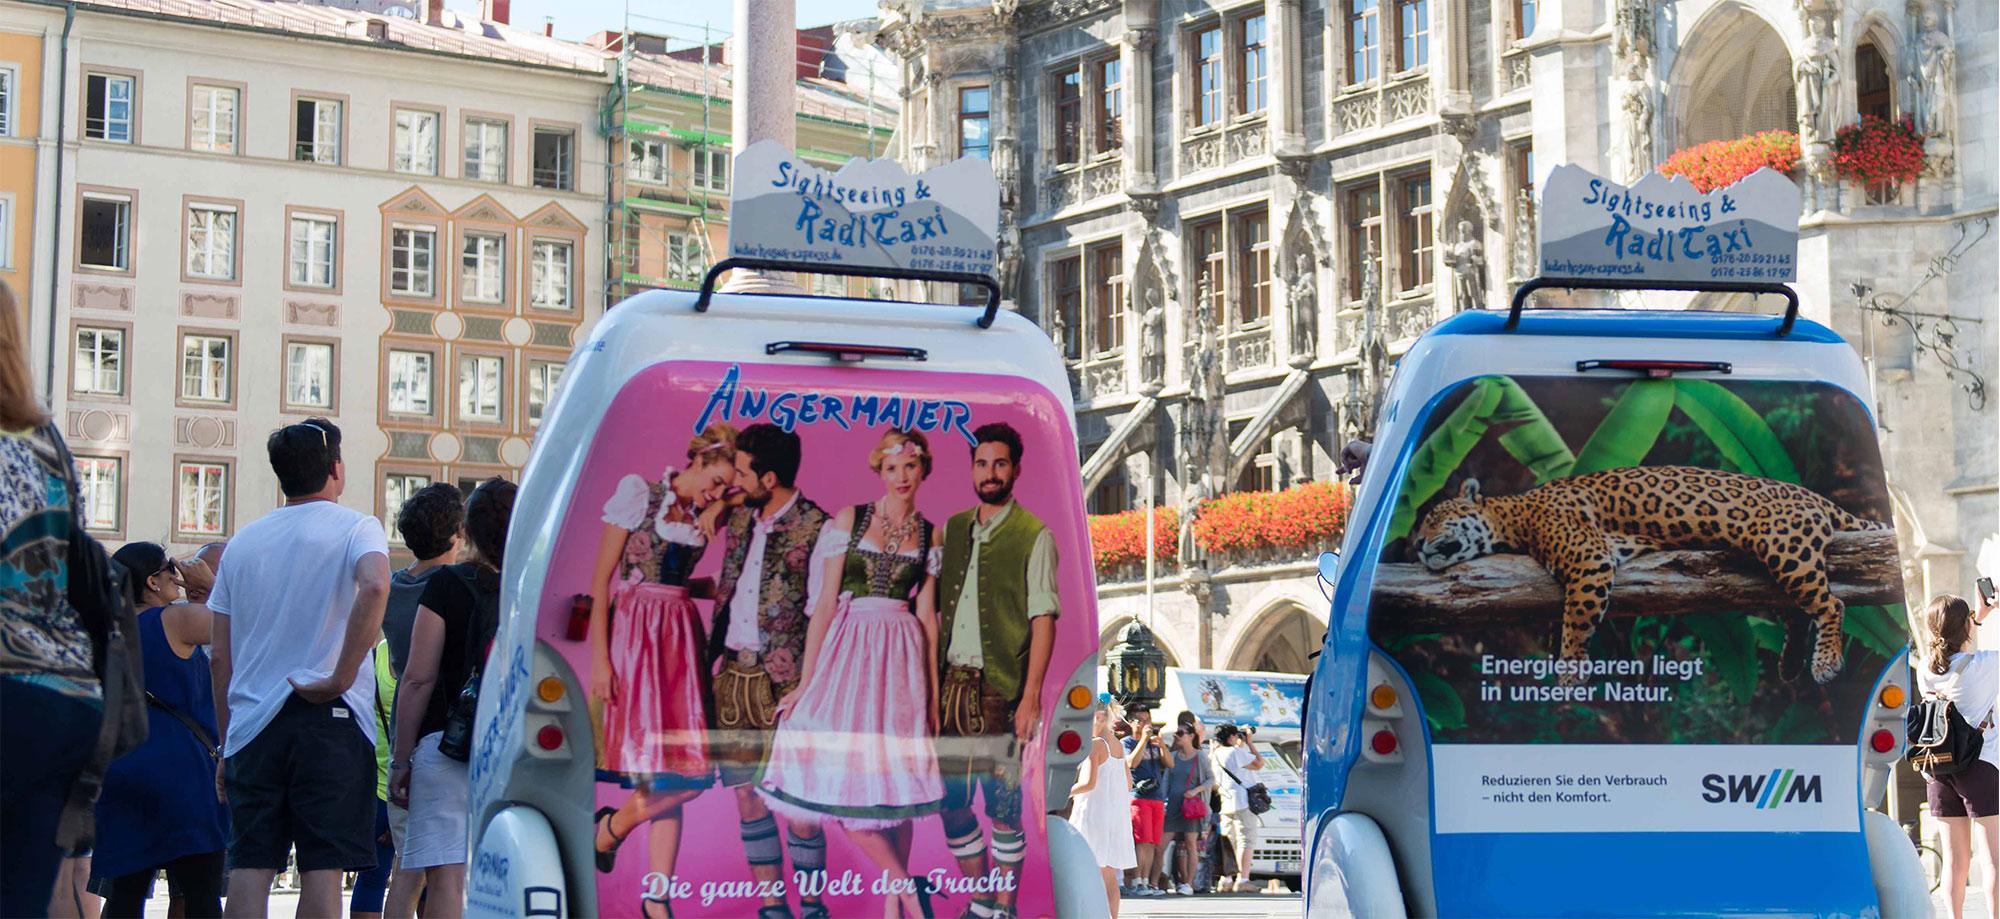 Rikscha München Werbung Altstadt